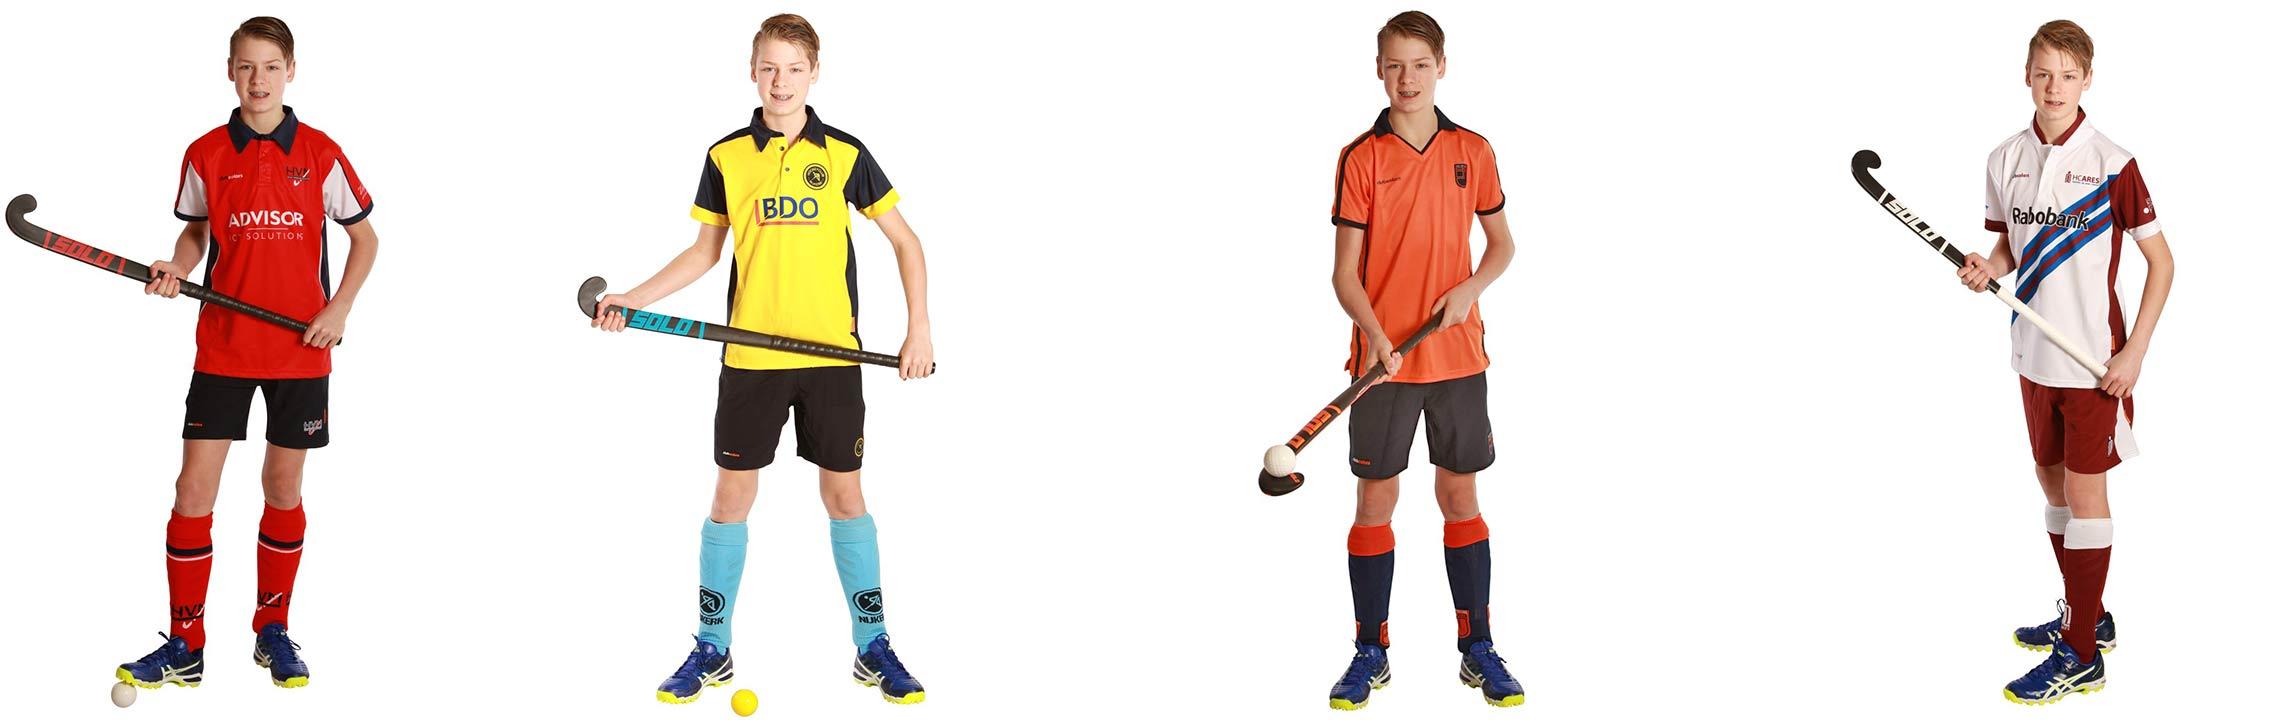 c083ebbd545 Hockey club kleding met goede verdienste voor sportclubs.